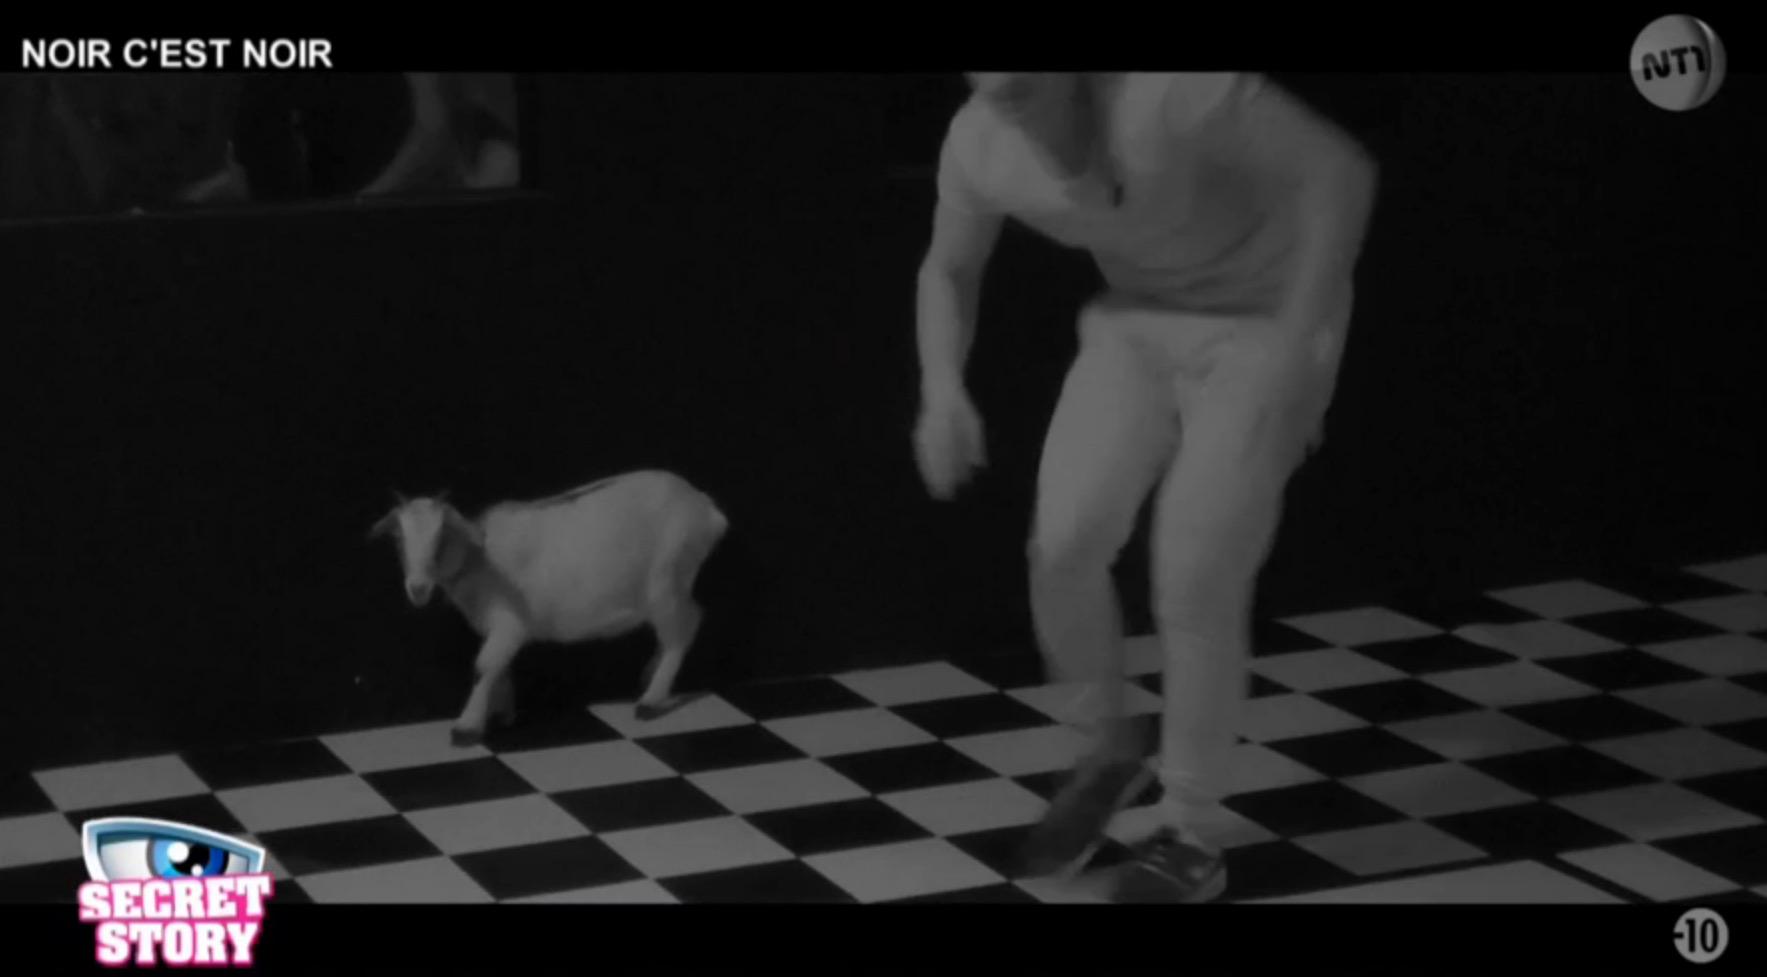 secret-story-animaux-vivants-petition-19